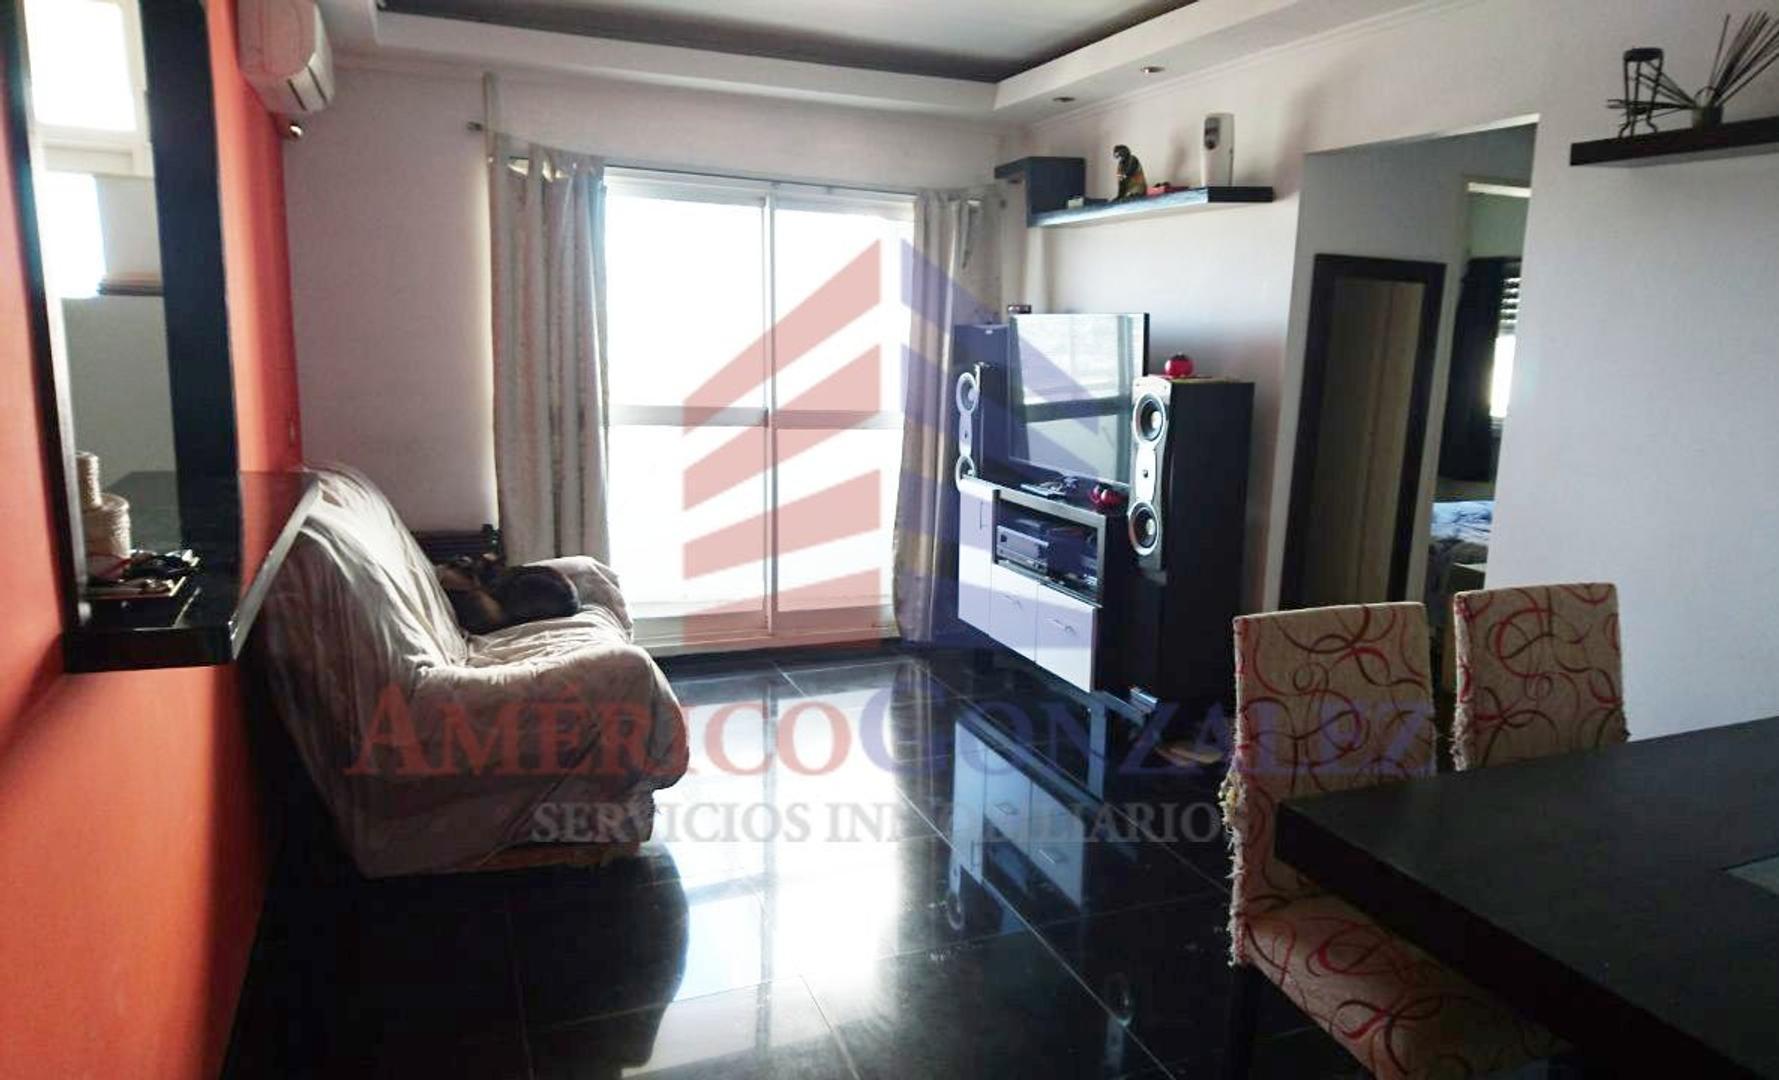 XINTEL(AME-AME-751) Departamento - Venta - Argentina, Avellaneda - PATRICIOS 240